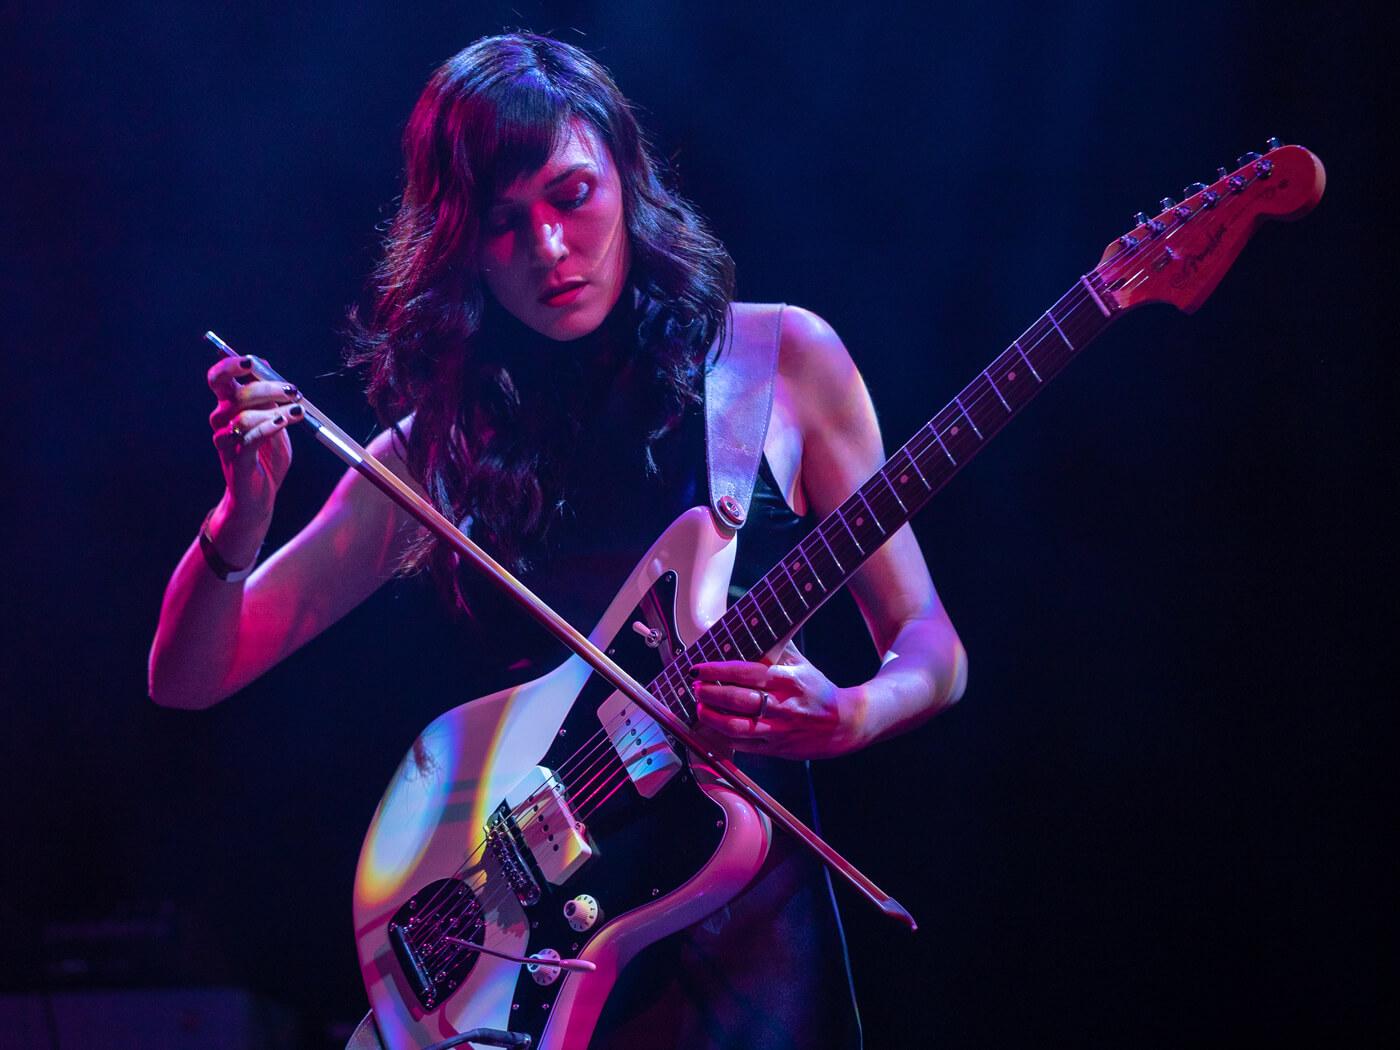 Noveller Sarah Lipstate bowing guitar